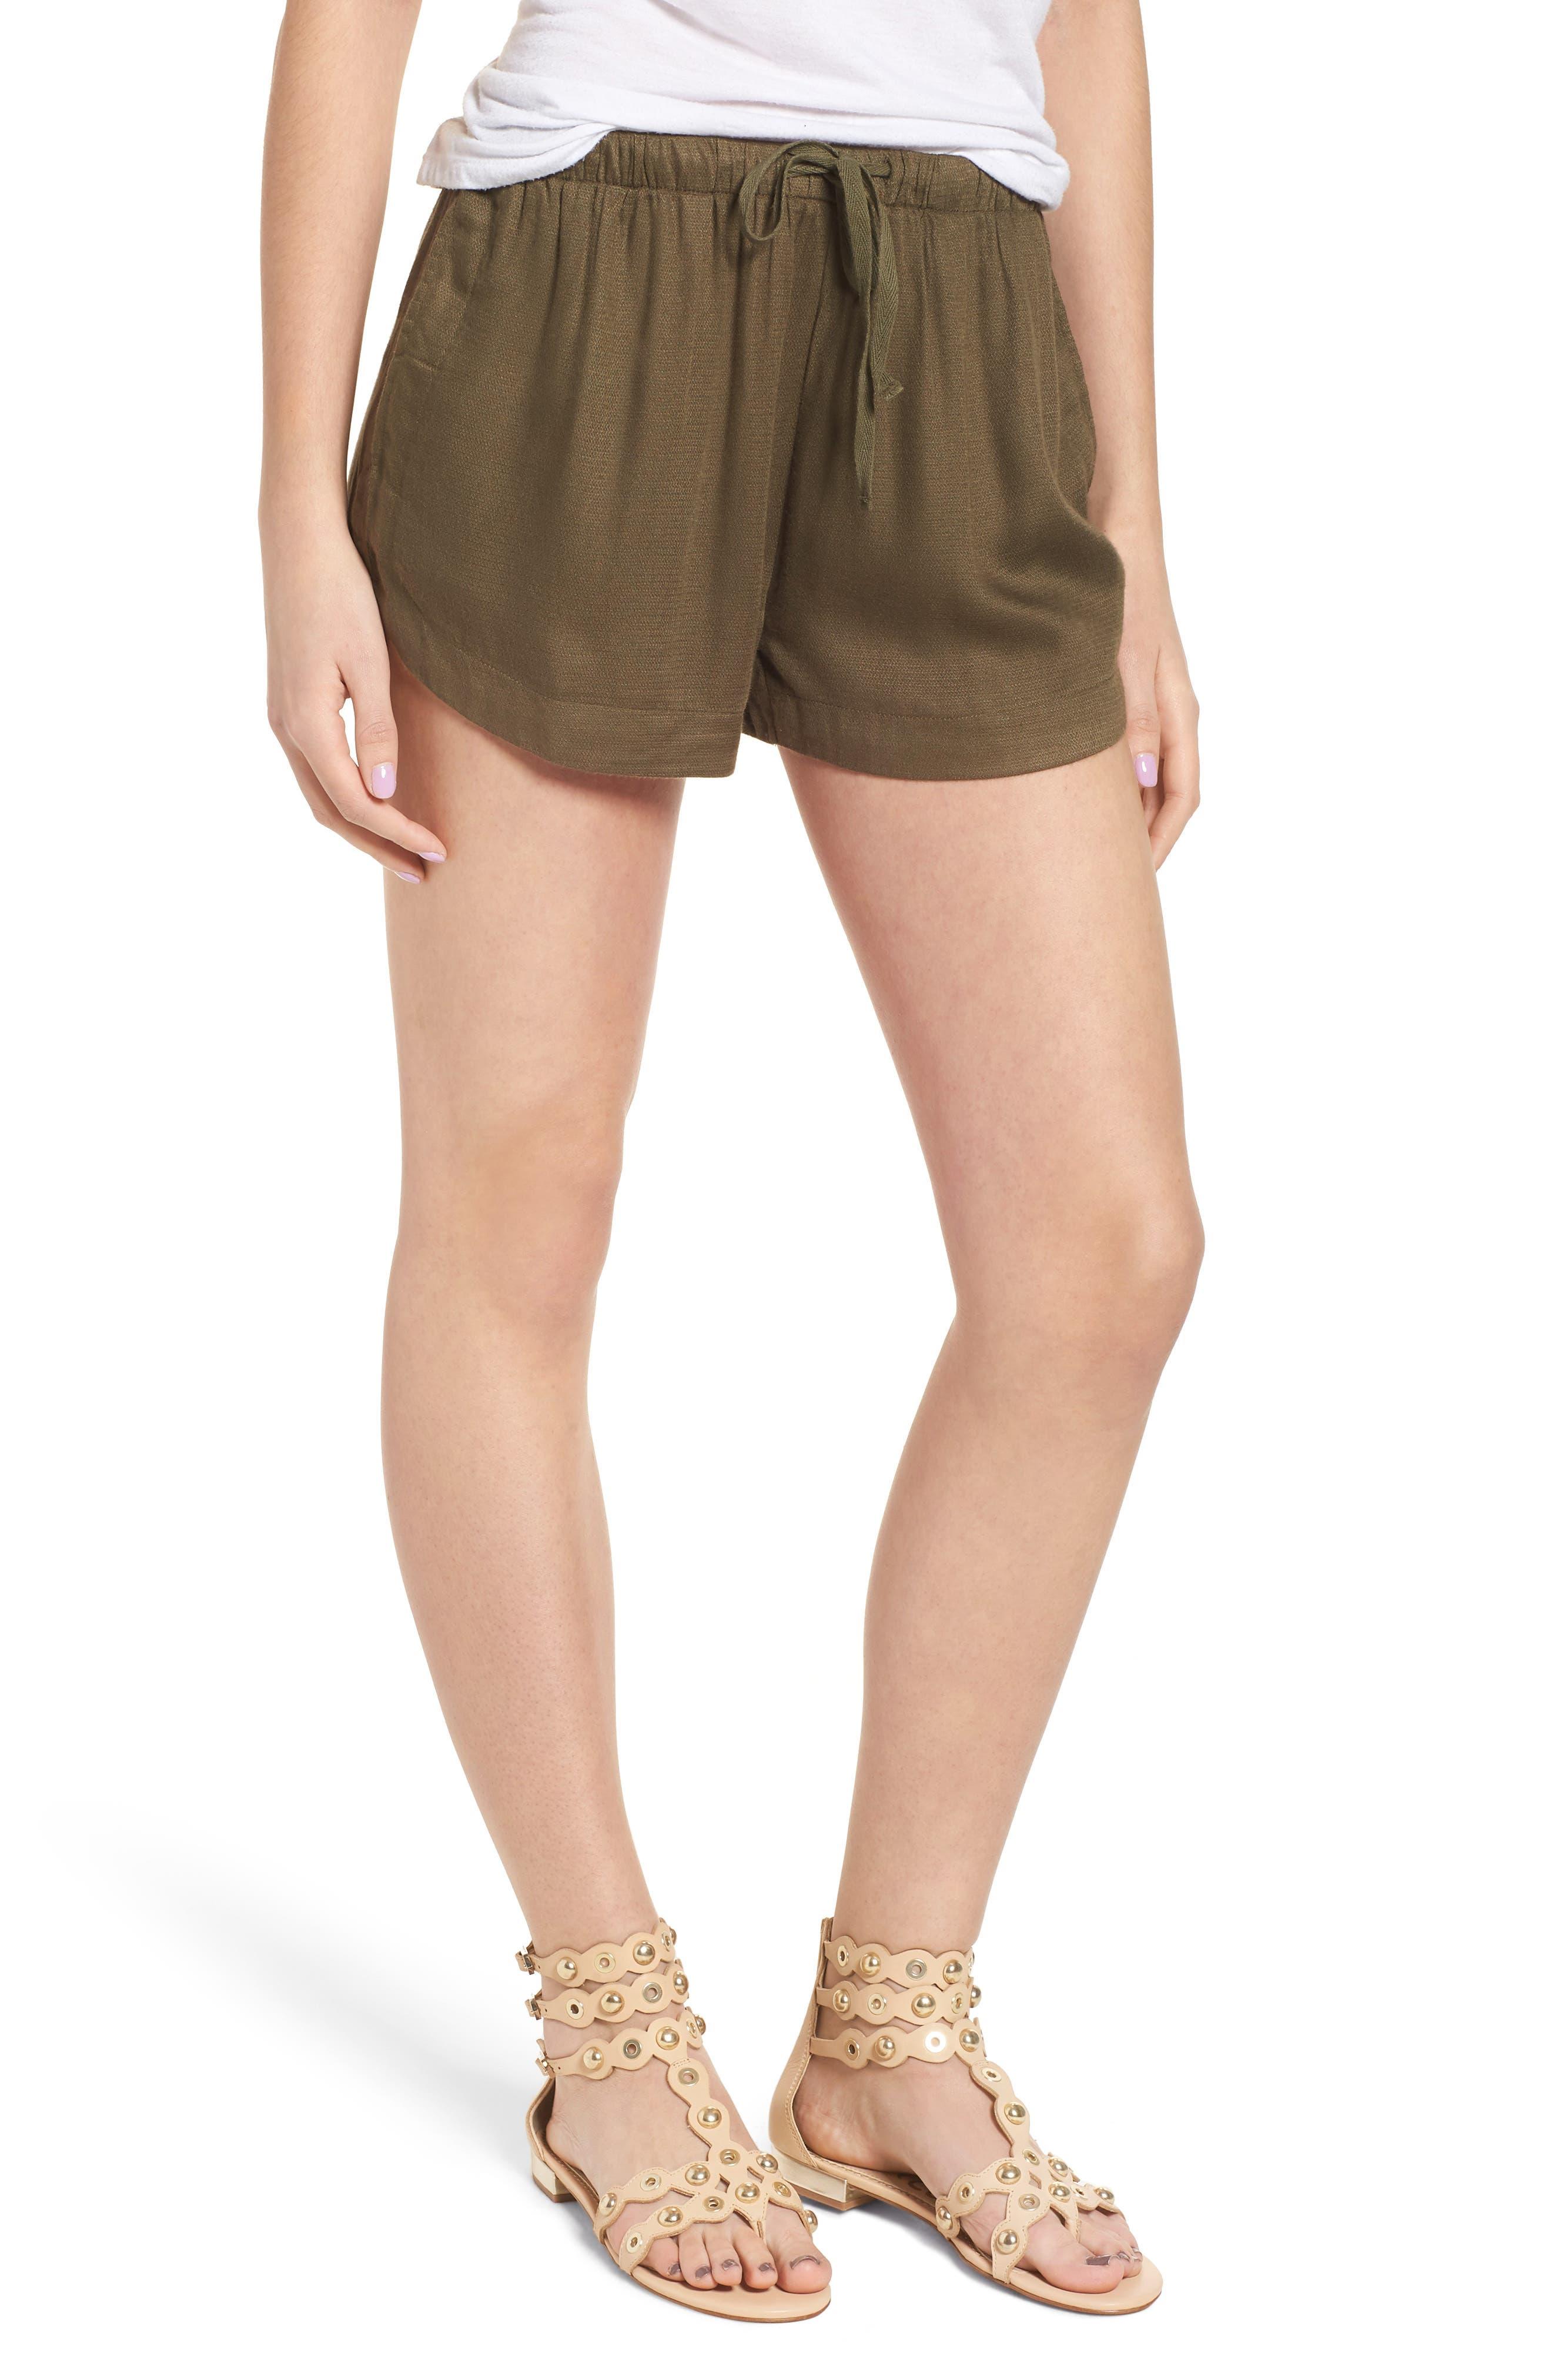 Vary Yume Shorts,                         Main,                         color, 340